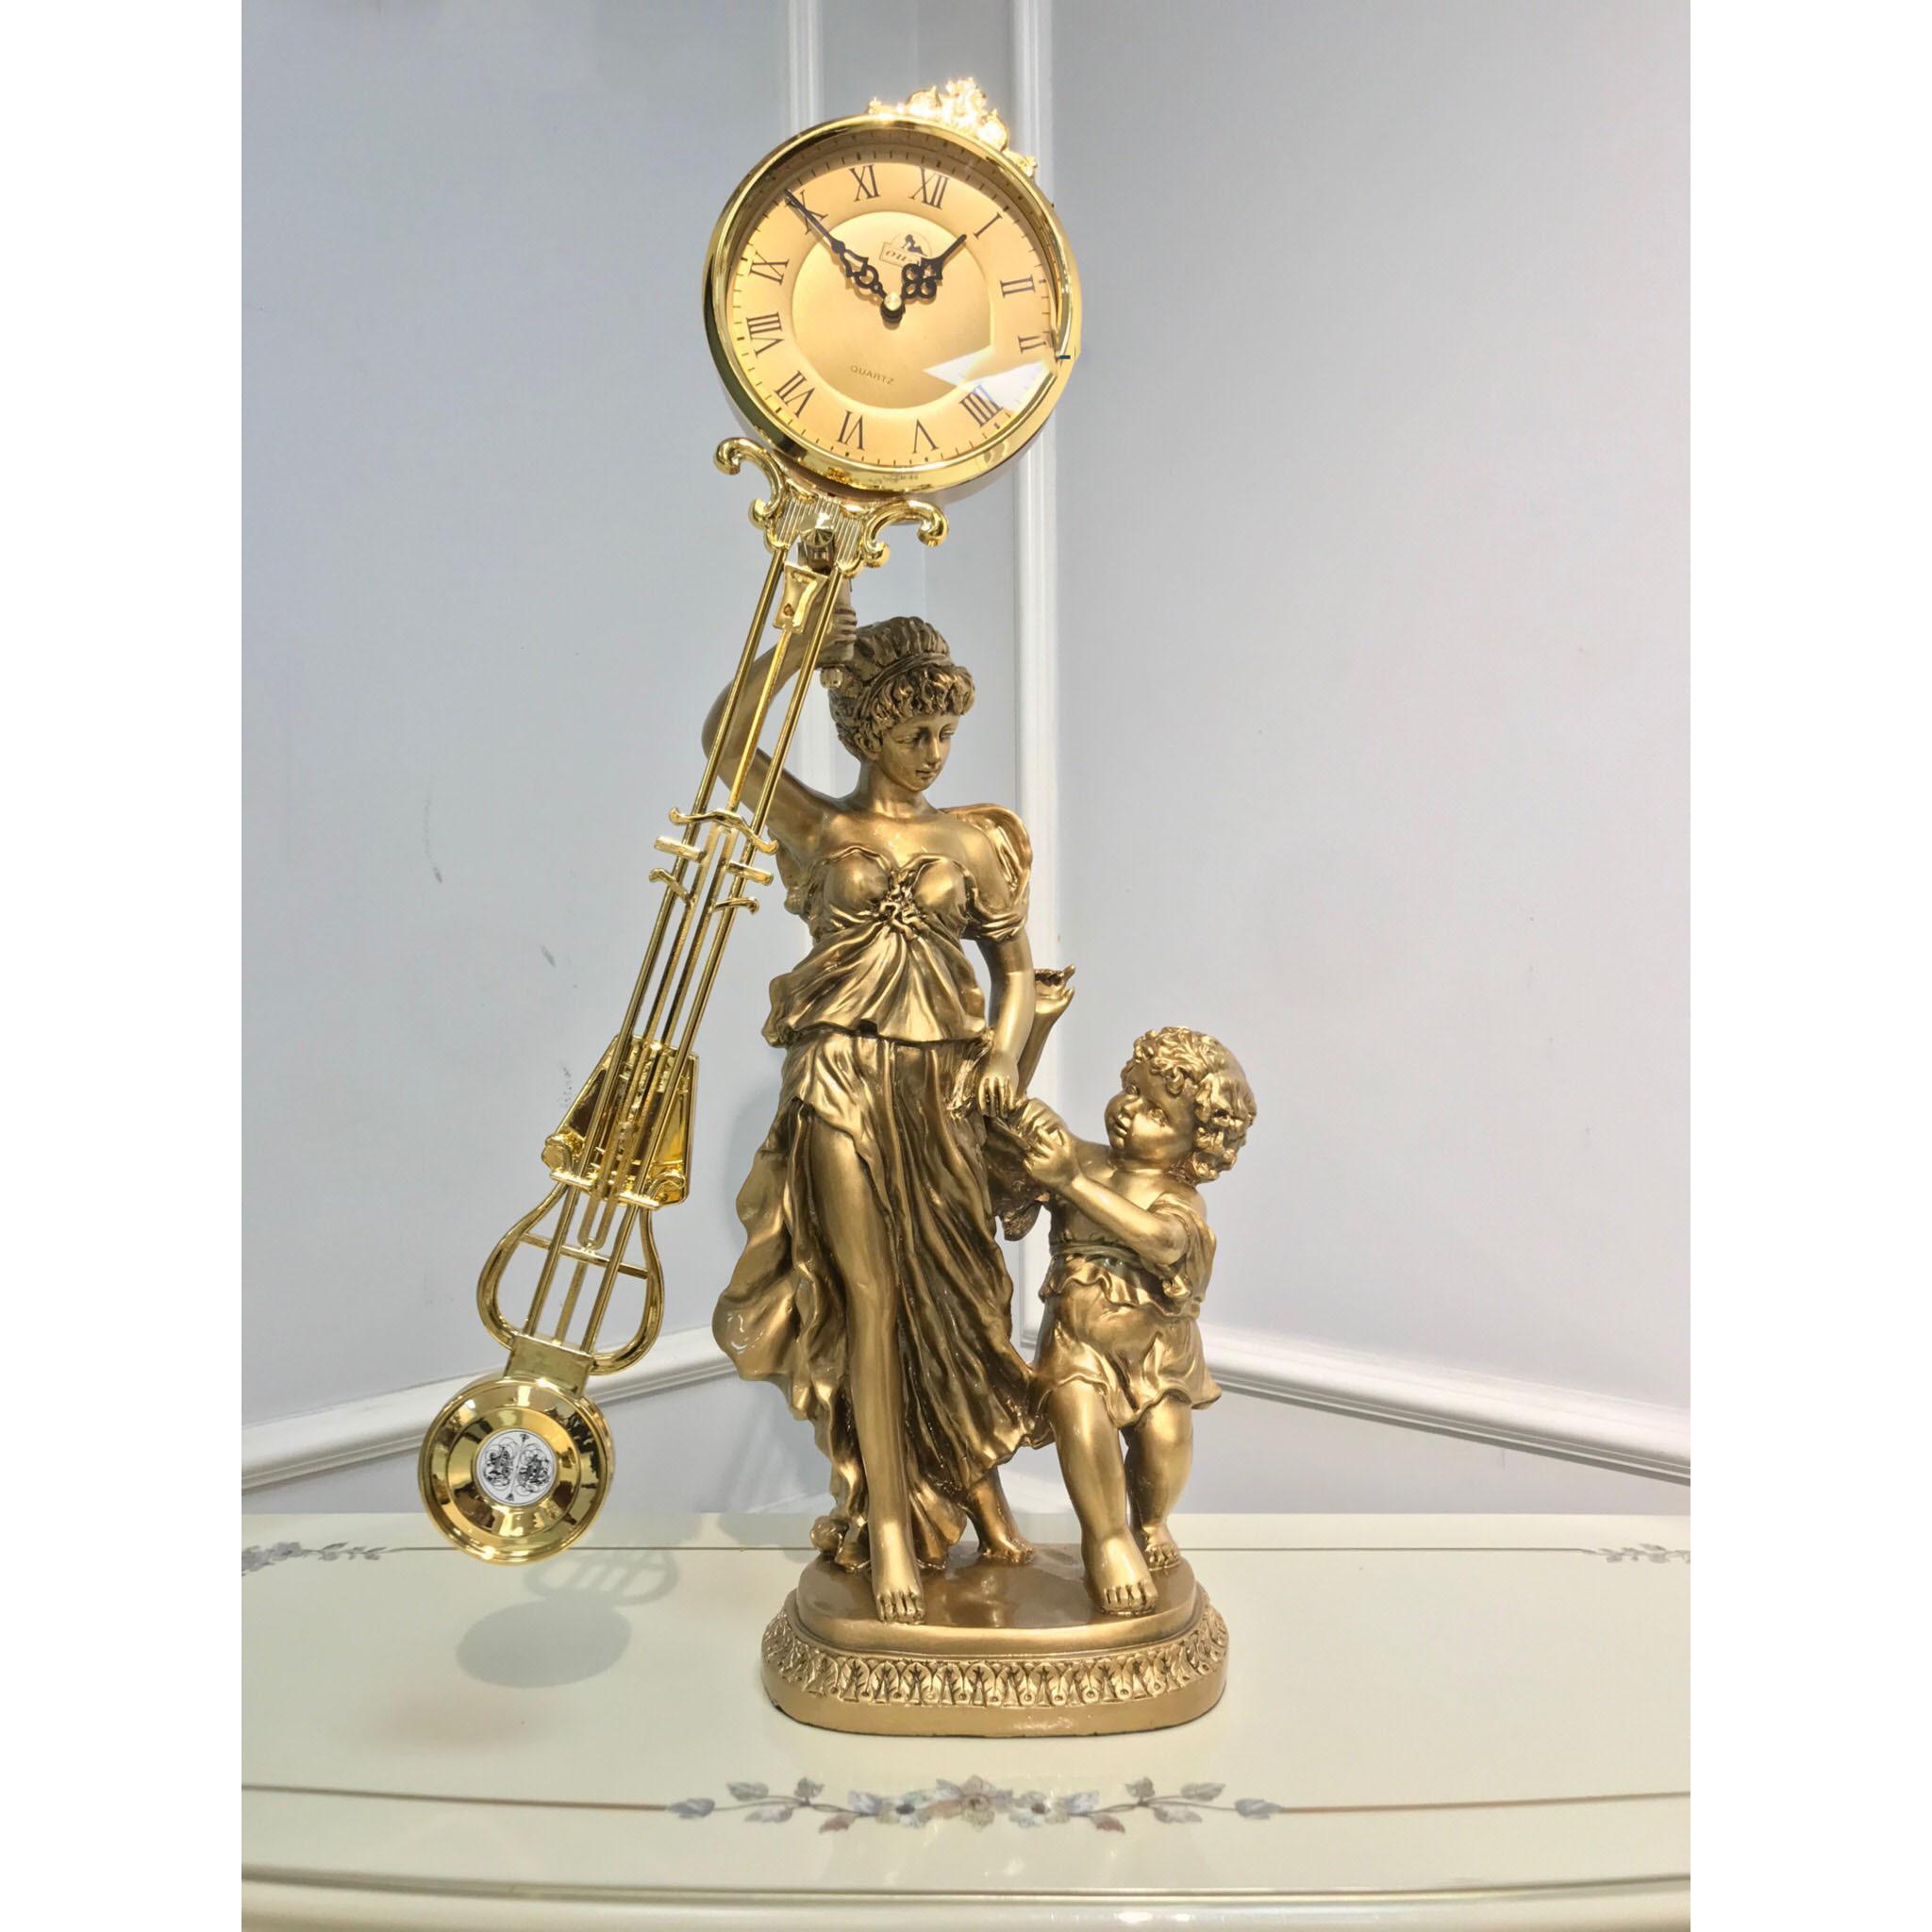 Đồng hồ quả lắc để bàn DH100mautu - Đồng hồ để bàn cổ điển đẹp sang trọng kích thước  35 x 21 x 72cm để kệ tủ trang trí phòng khách nhà ở